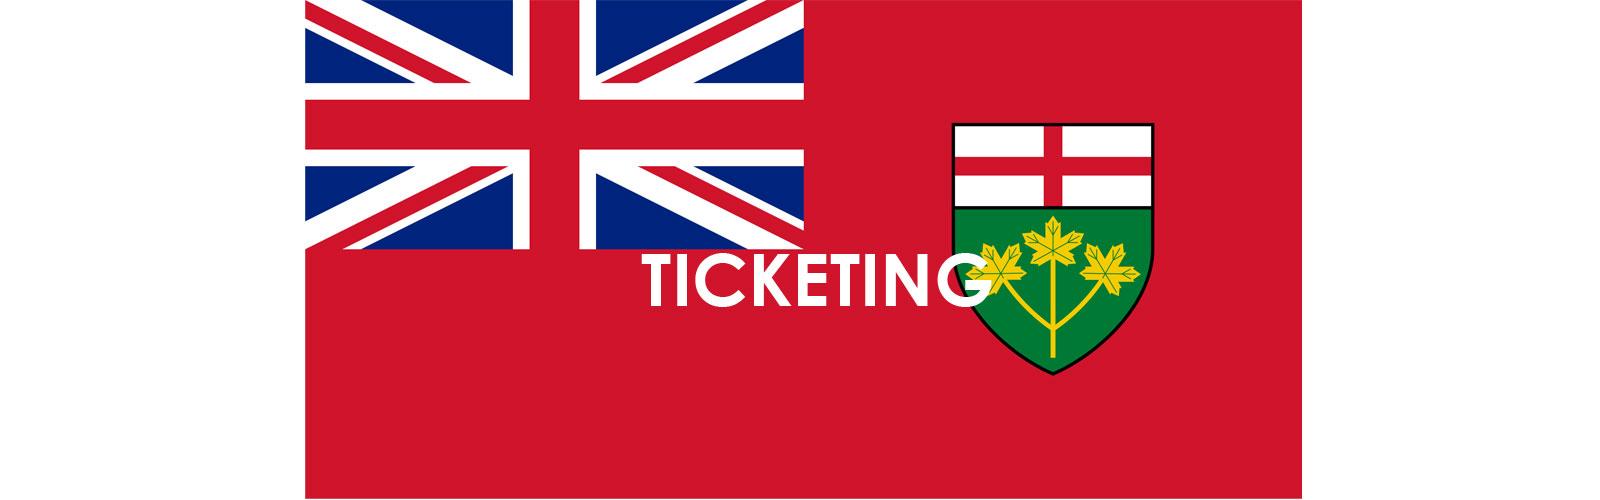 ontario-ticketing